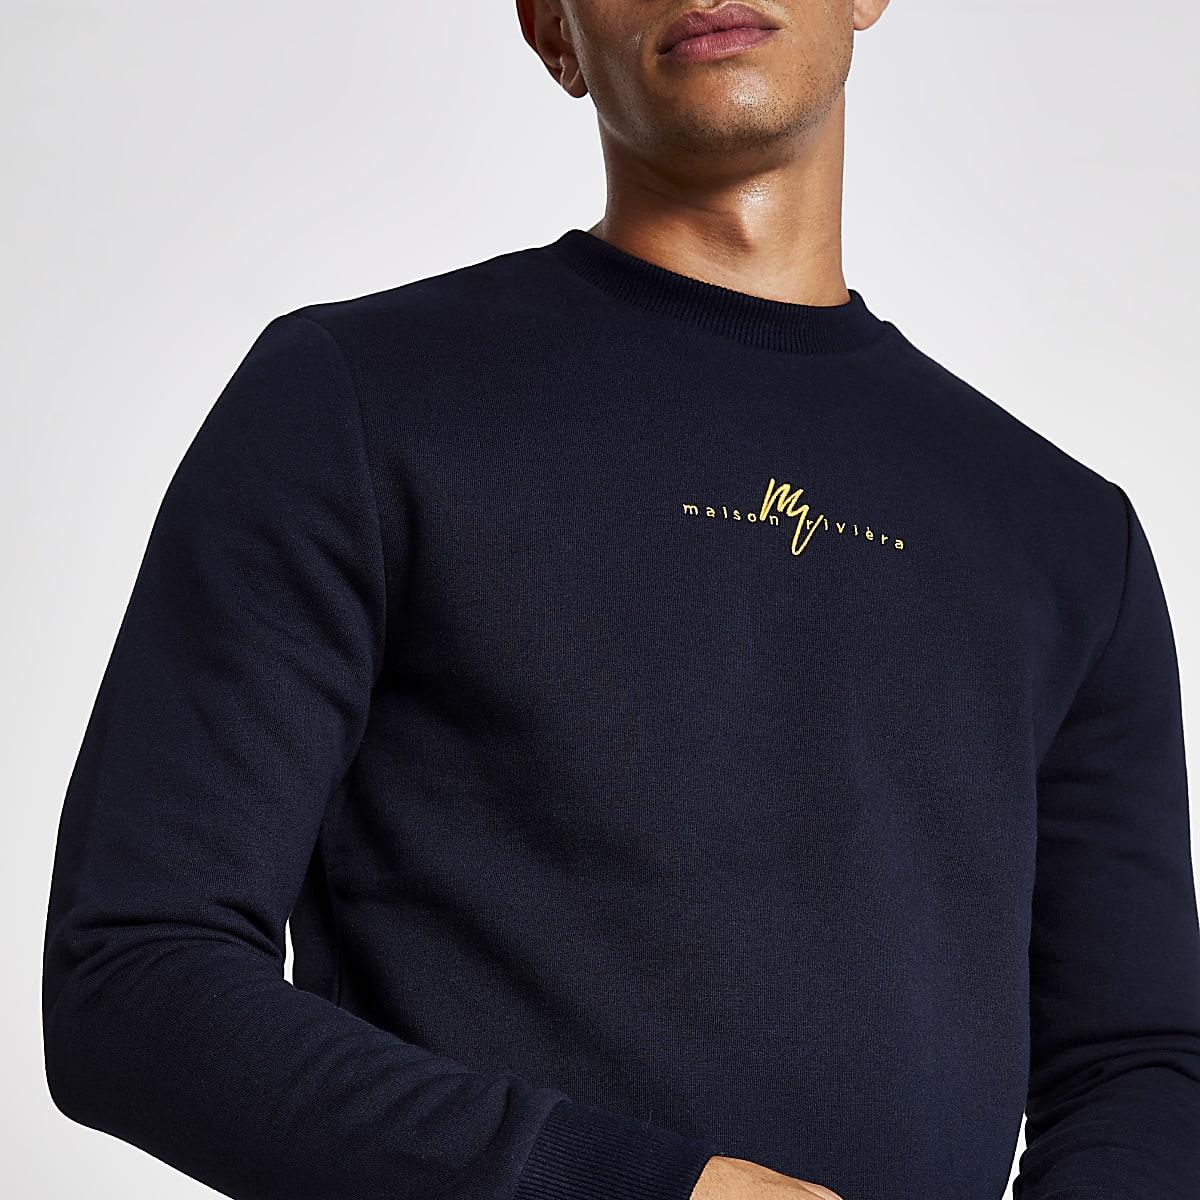 Navy slim fit Maison Riviera sweatshirt